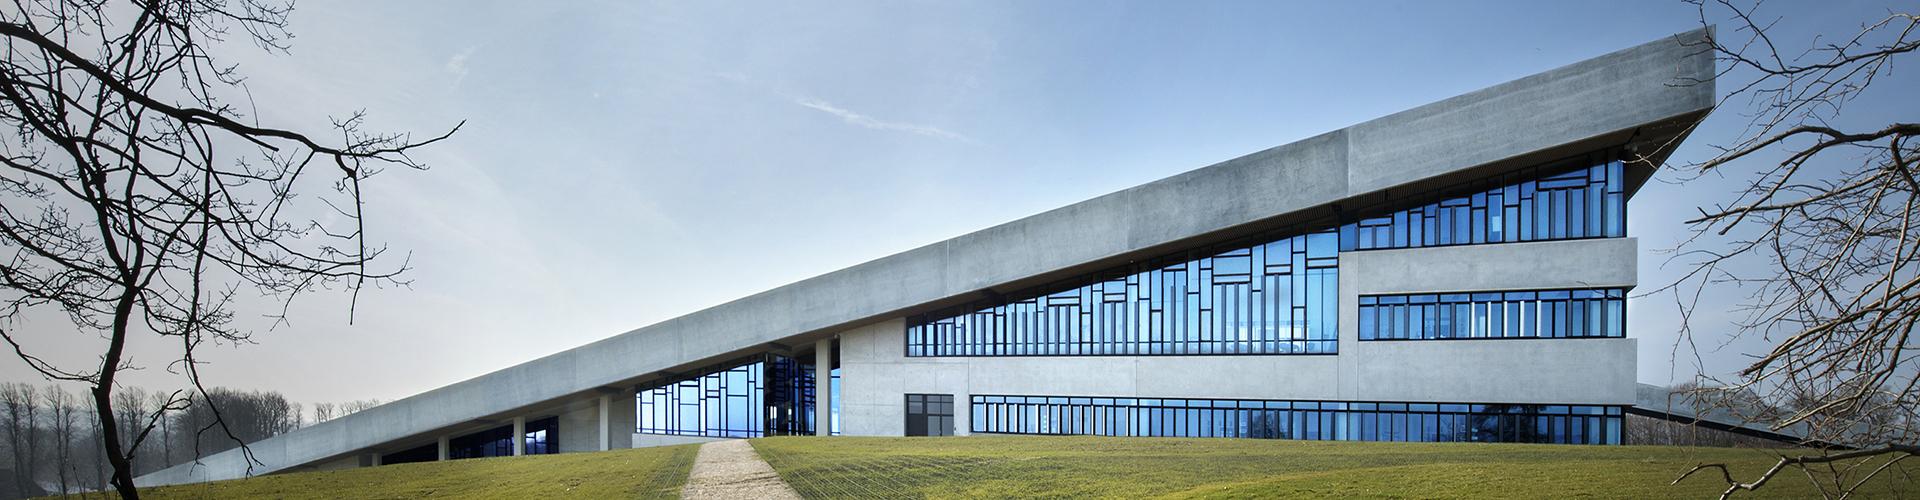 Moesgaard Museum in Aarhus